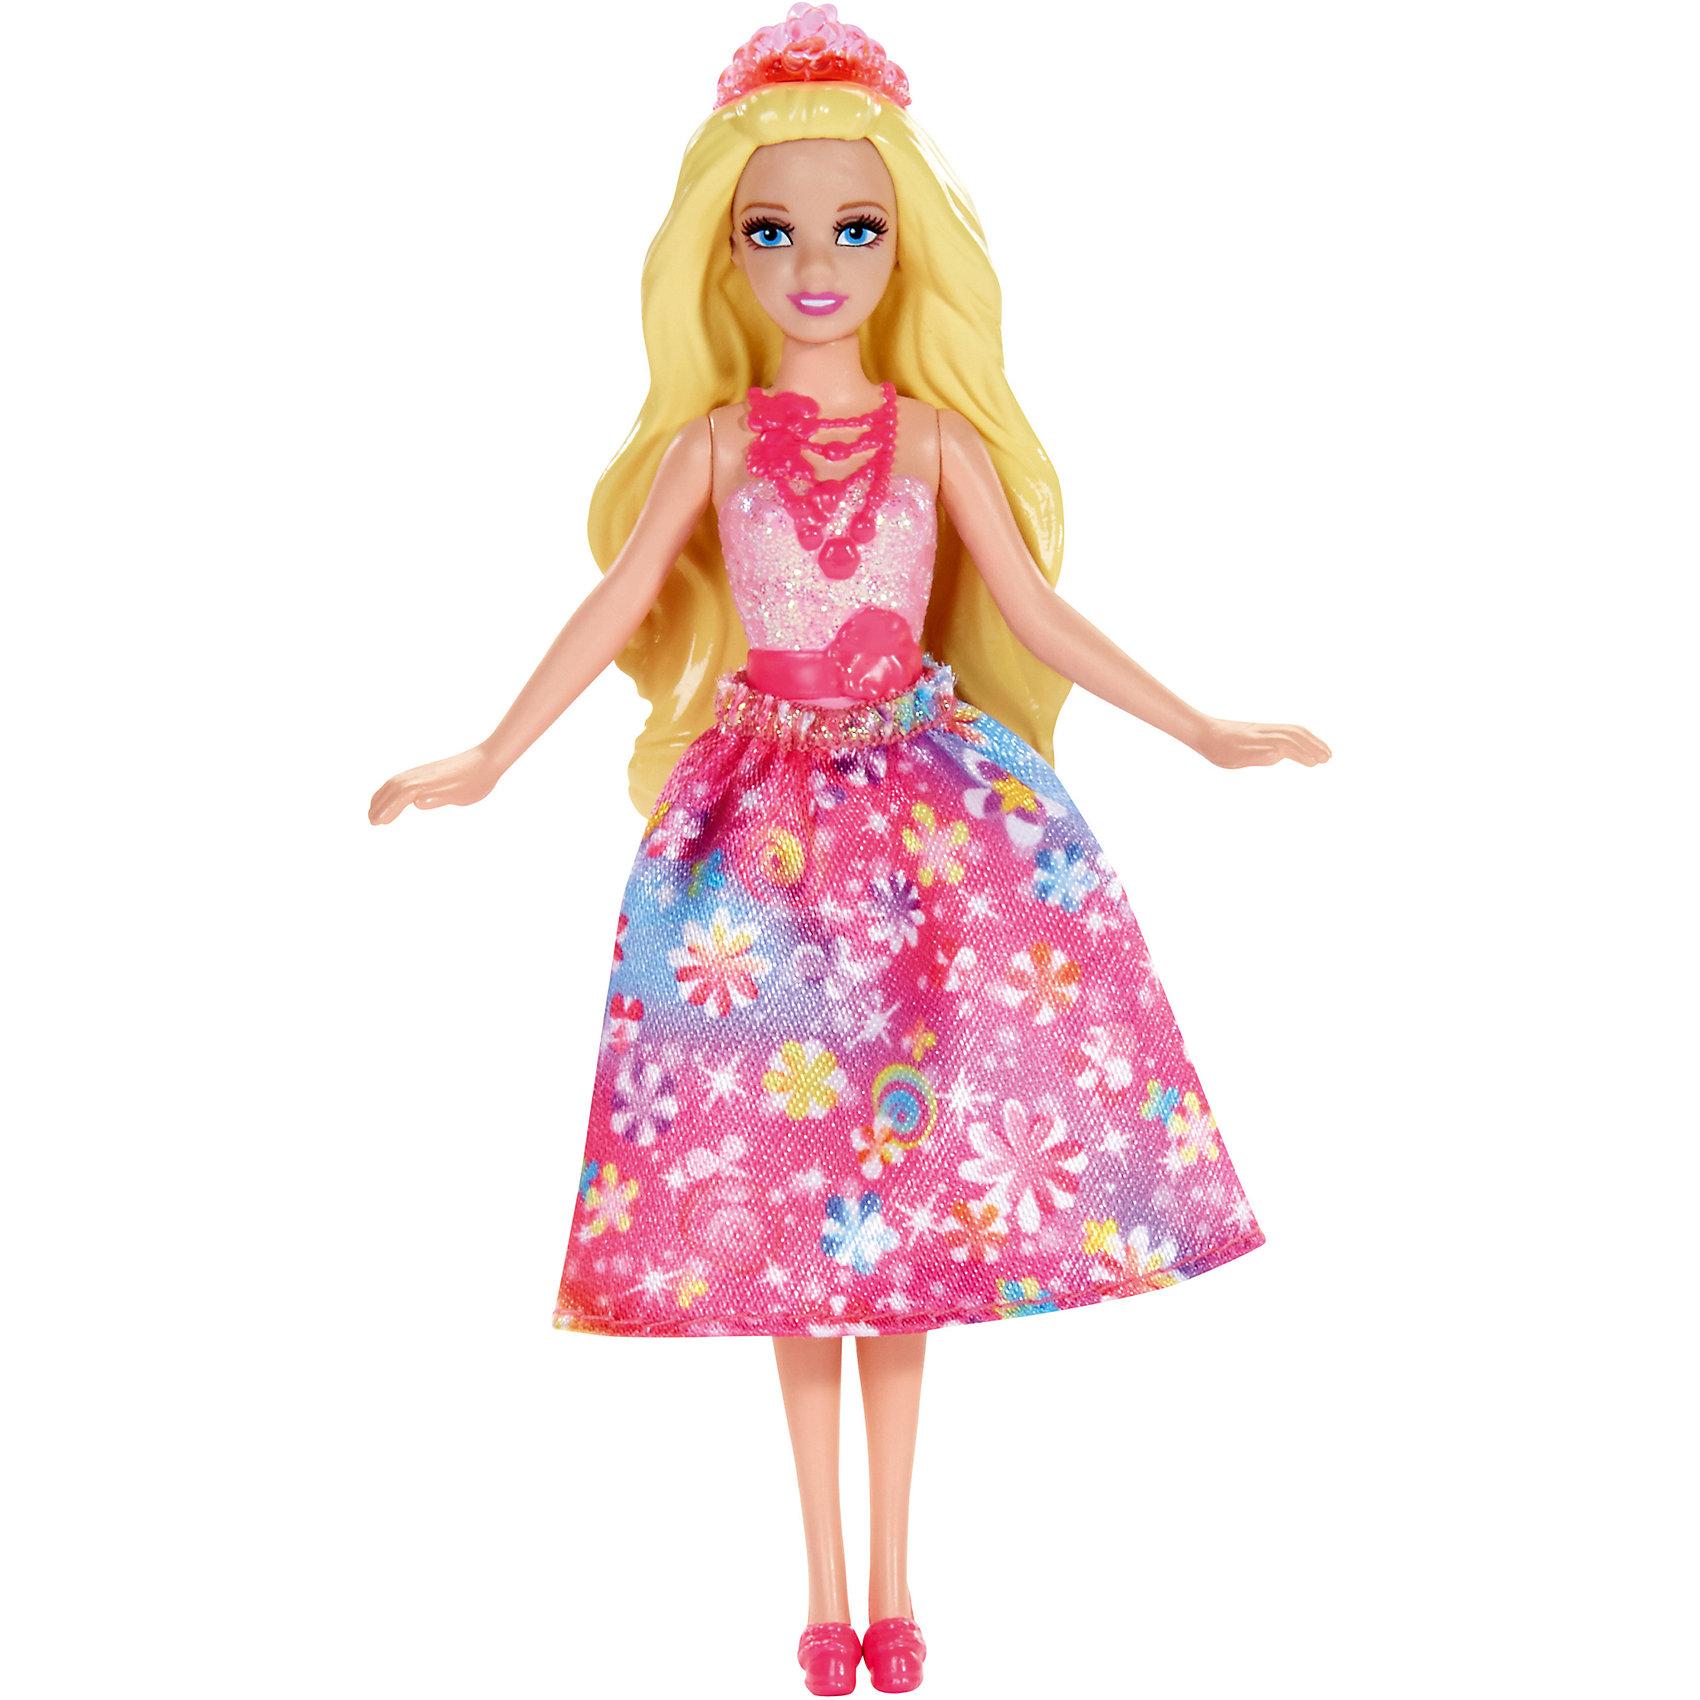 Сказочная мини-кукла, BarbieСказочная мини-кукла Барби - отличный вариант подарка для любительницы этих кукол. Продается игрушка в красивой тематической упаковке. Она очень волшебно выглядит! Это - сказочная принцесса, которых обожают все девочки.<br>Такие игрушки помогают развить мелкую моторику, логическое мышление и воображение ребенка. Игры с куклами помогают девочкам проходить социализацию и прививают чувство вкуса. Эта игрушка выполнена из текстиля и высококачественного прочного пластика, безопасного для детей, отлично детализирована.<br><br>Дополнительная информация:<br> <br>цвет: разноцветный;<br>материал: пластик, волосы - резина;<br>размер упаковки: 30?90х130 см.<br><br>Сказочную мини-куклу, Barbie от компании Mattel можно купить в нашем магазине.<br><br>Ширина мм: 30<br>Глубина мм: 90<br>Высота мм: 130<br>Вес г: 49<br>Возраст от месяцев: 36<br>Возраст до месяцев: 96<br>Пол: Женский<br>Возраст: Детский<br>SKU: 4791158